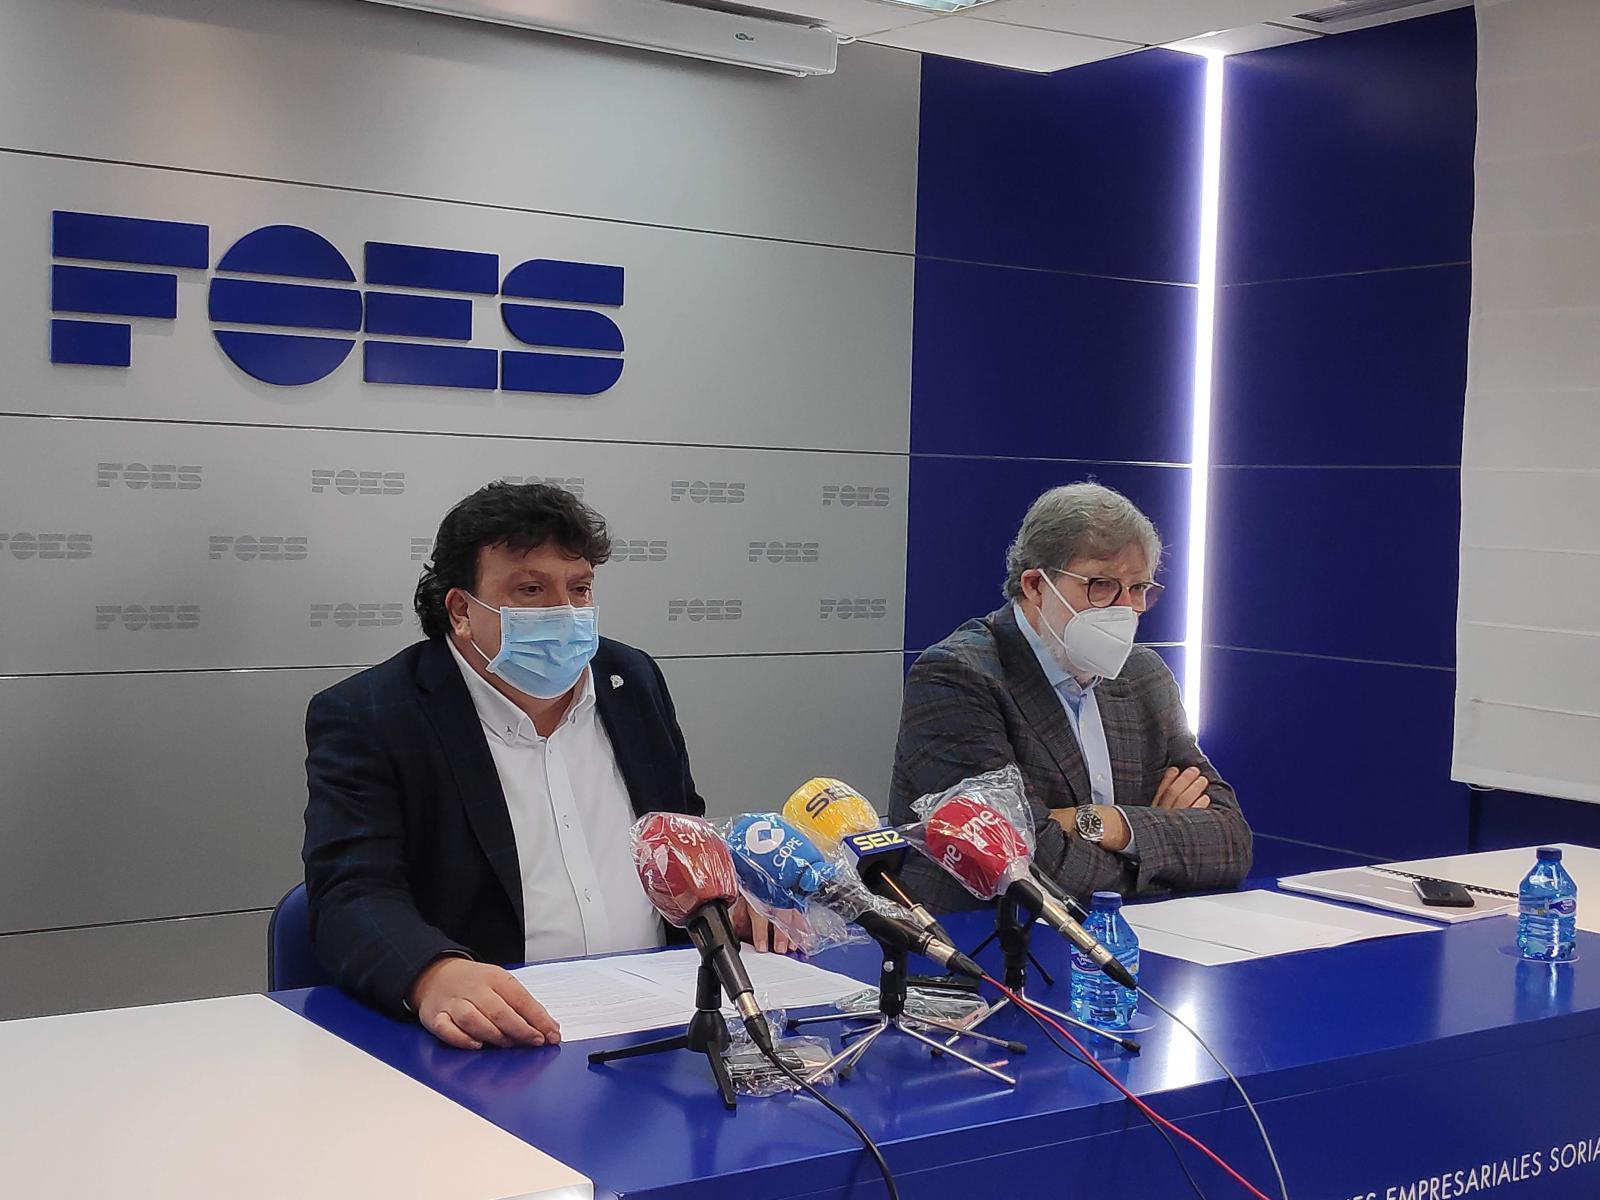 El grupo Pistelli captado por FOES se adjudica dos parcelas en Almazán donde invertirá 1,5 millones y creará 31 empleos